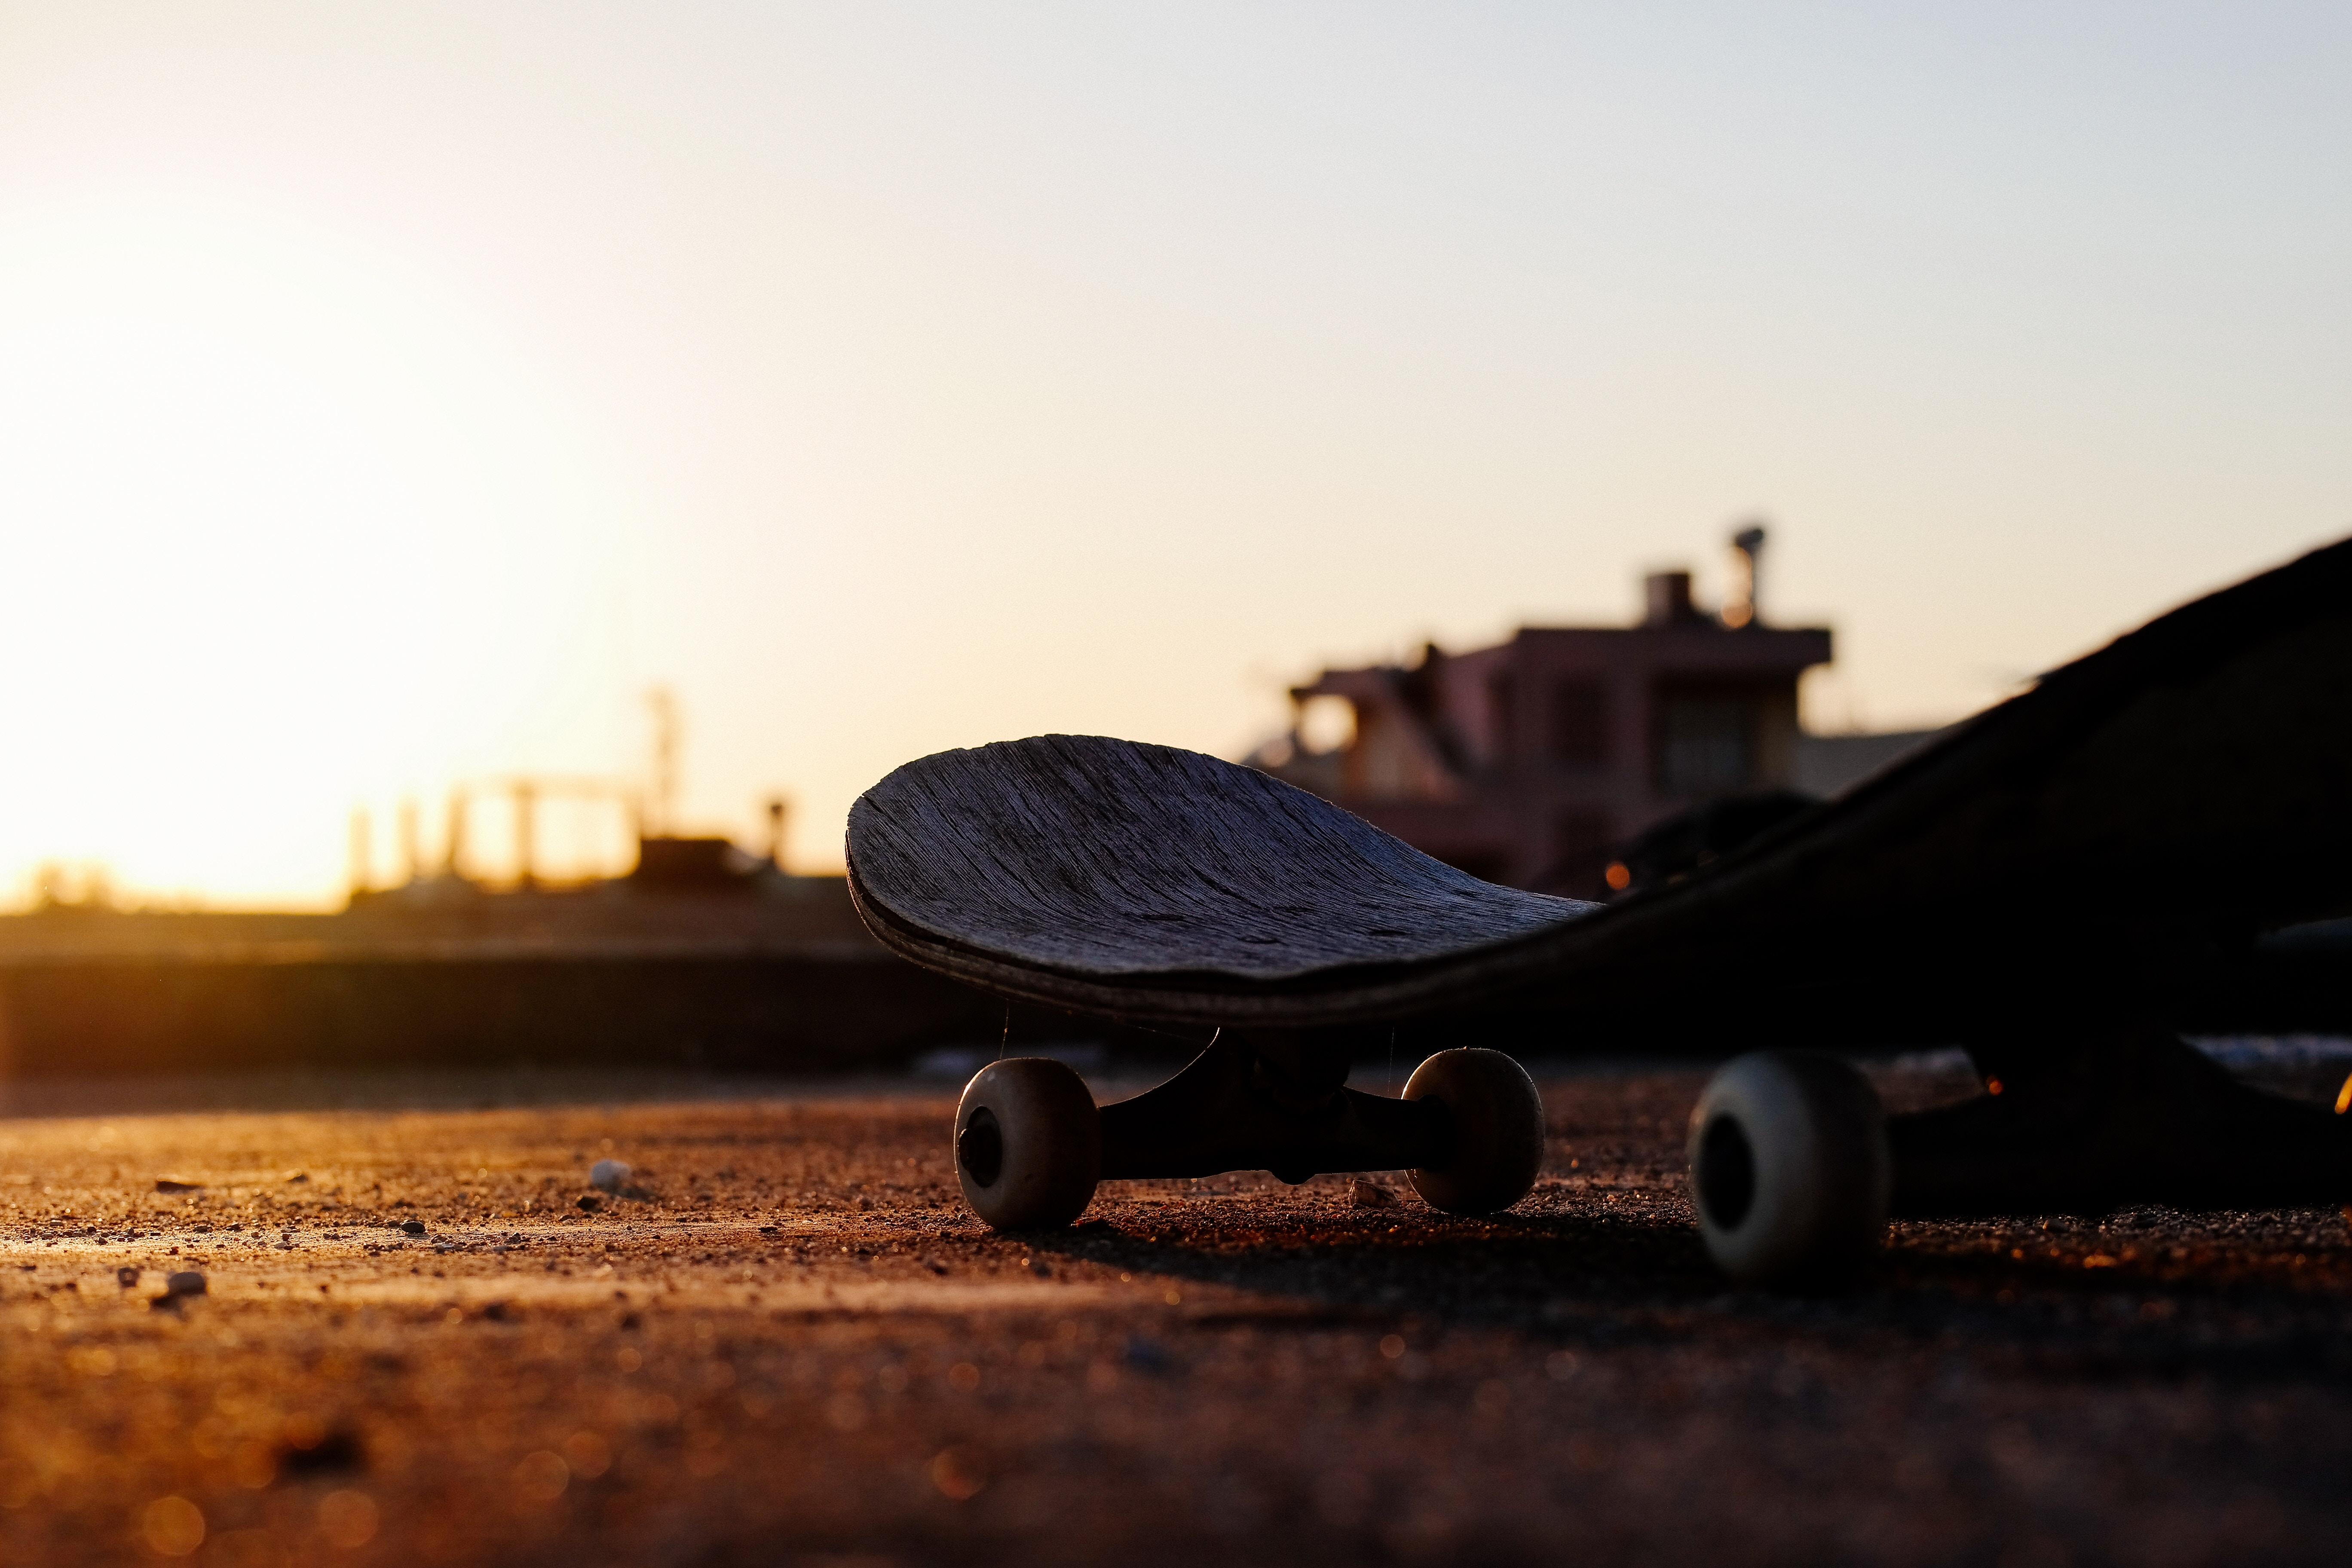 Skateboard 5472x3648